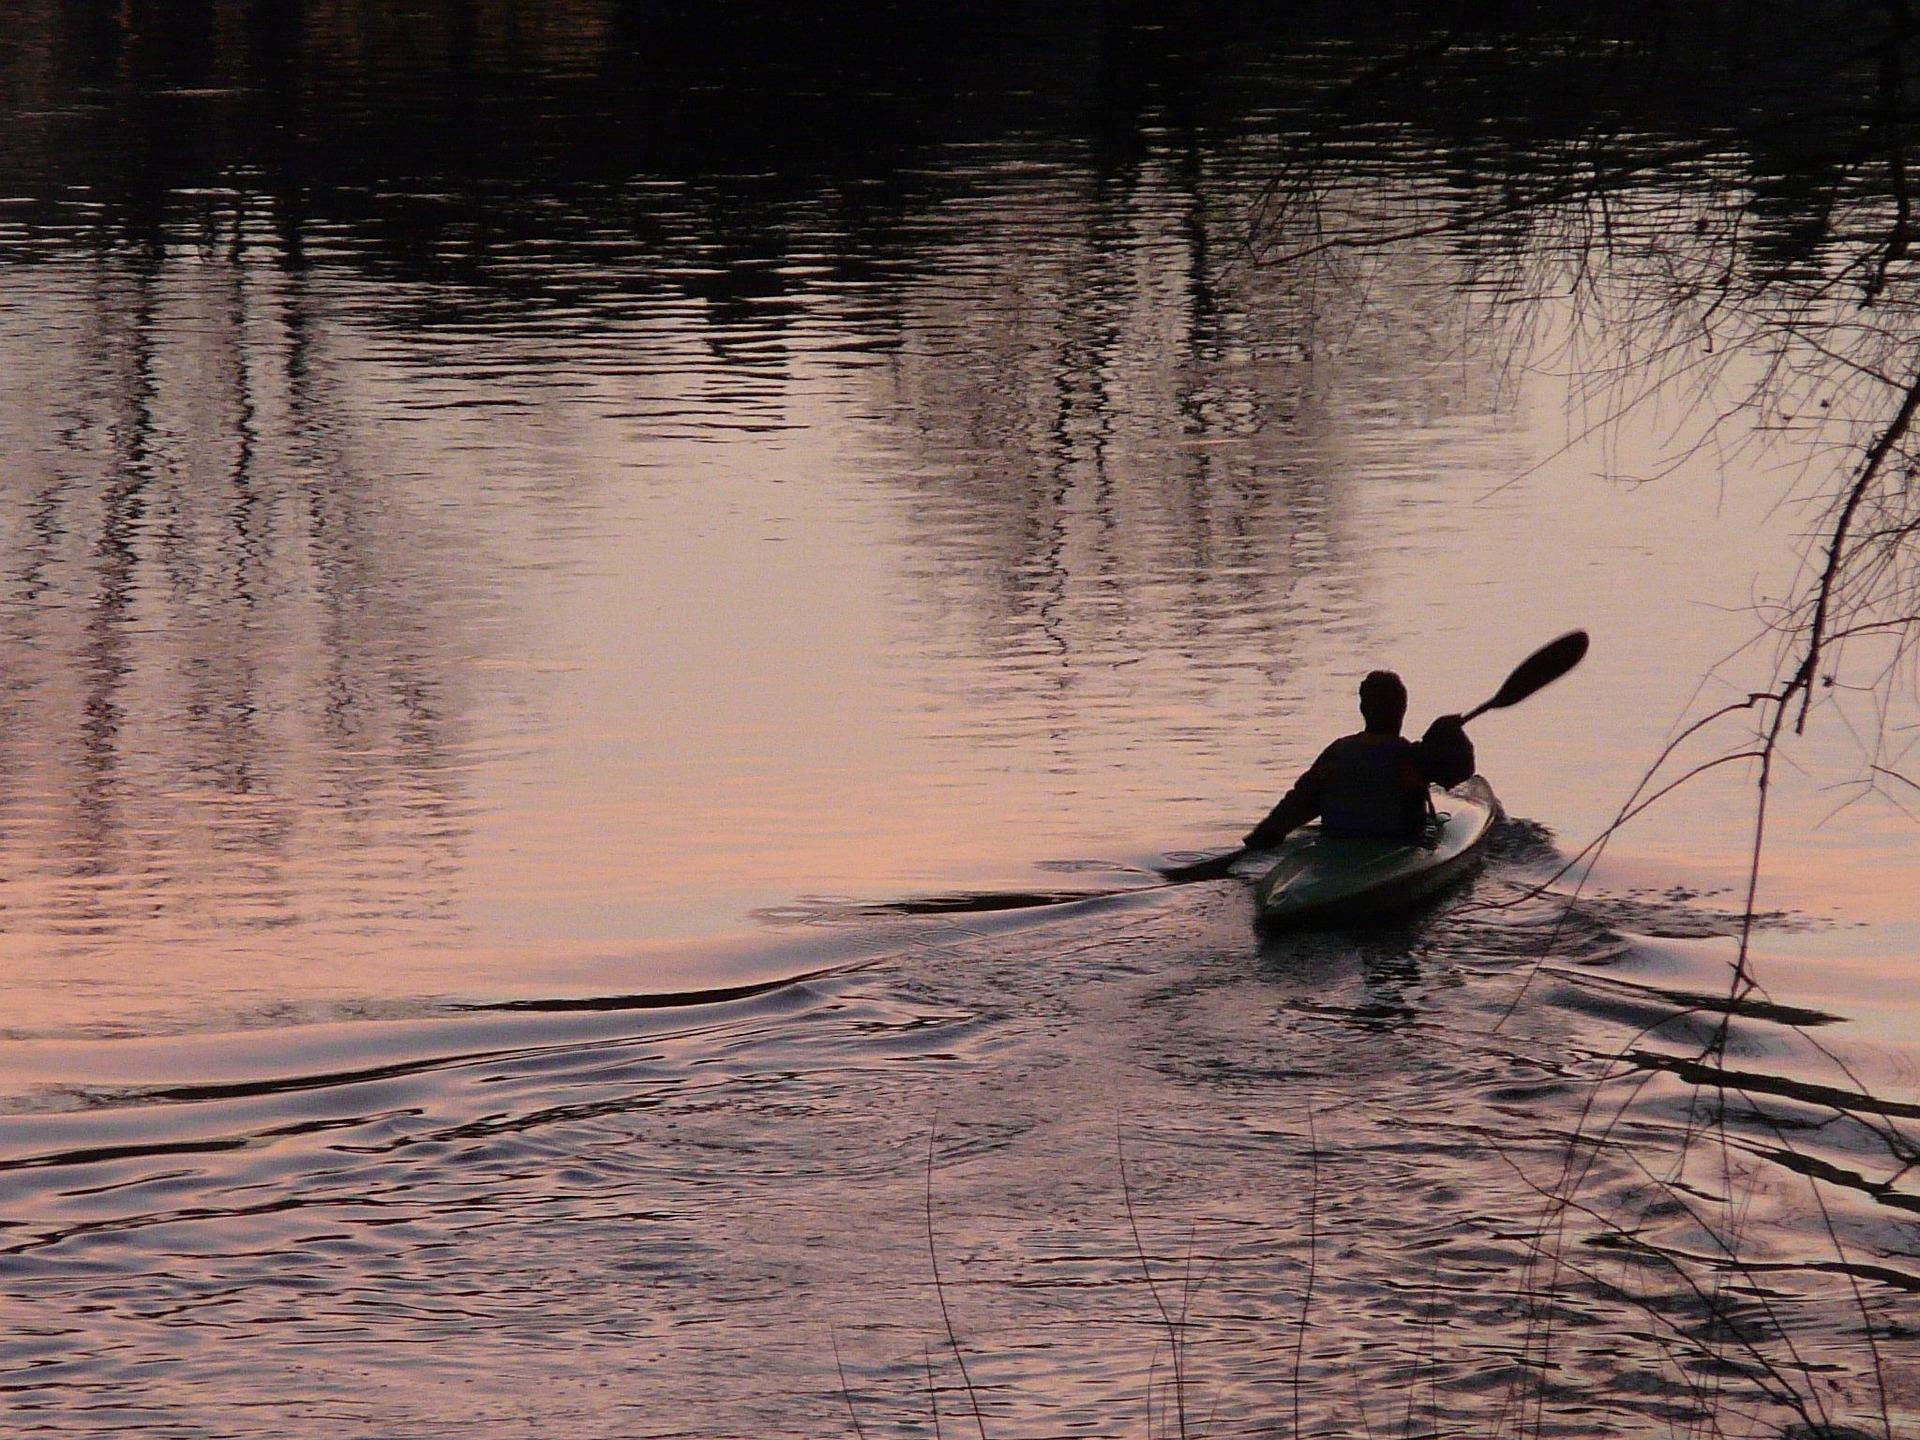 kayakers-3941_1920.jpg